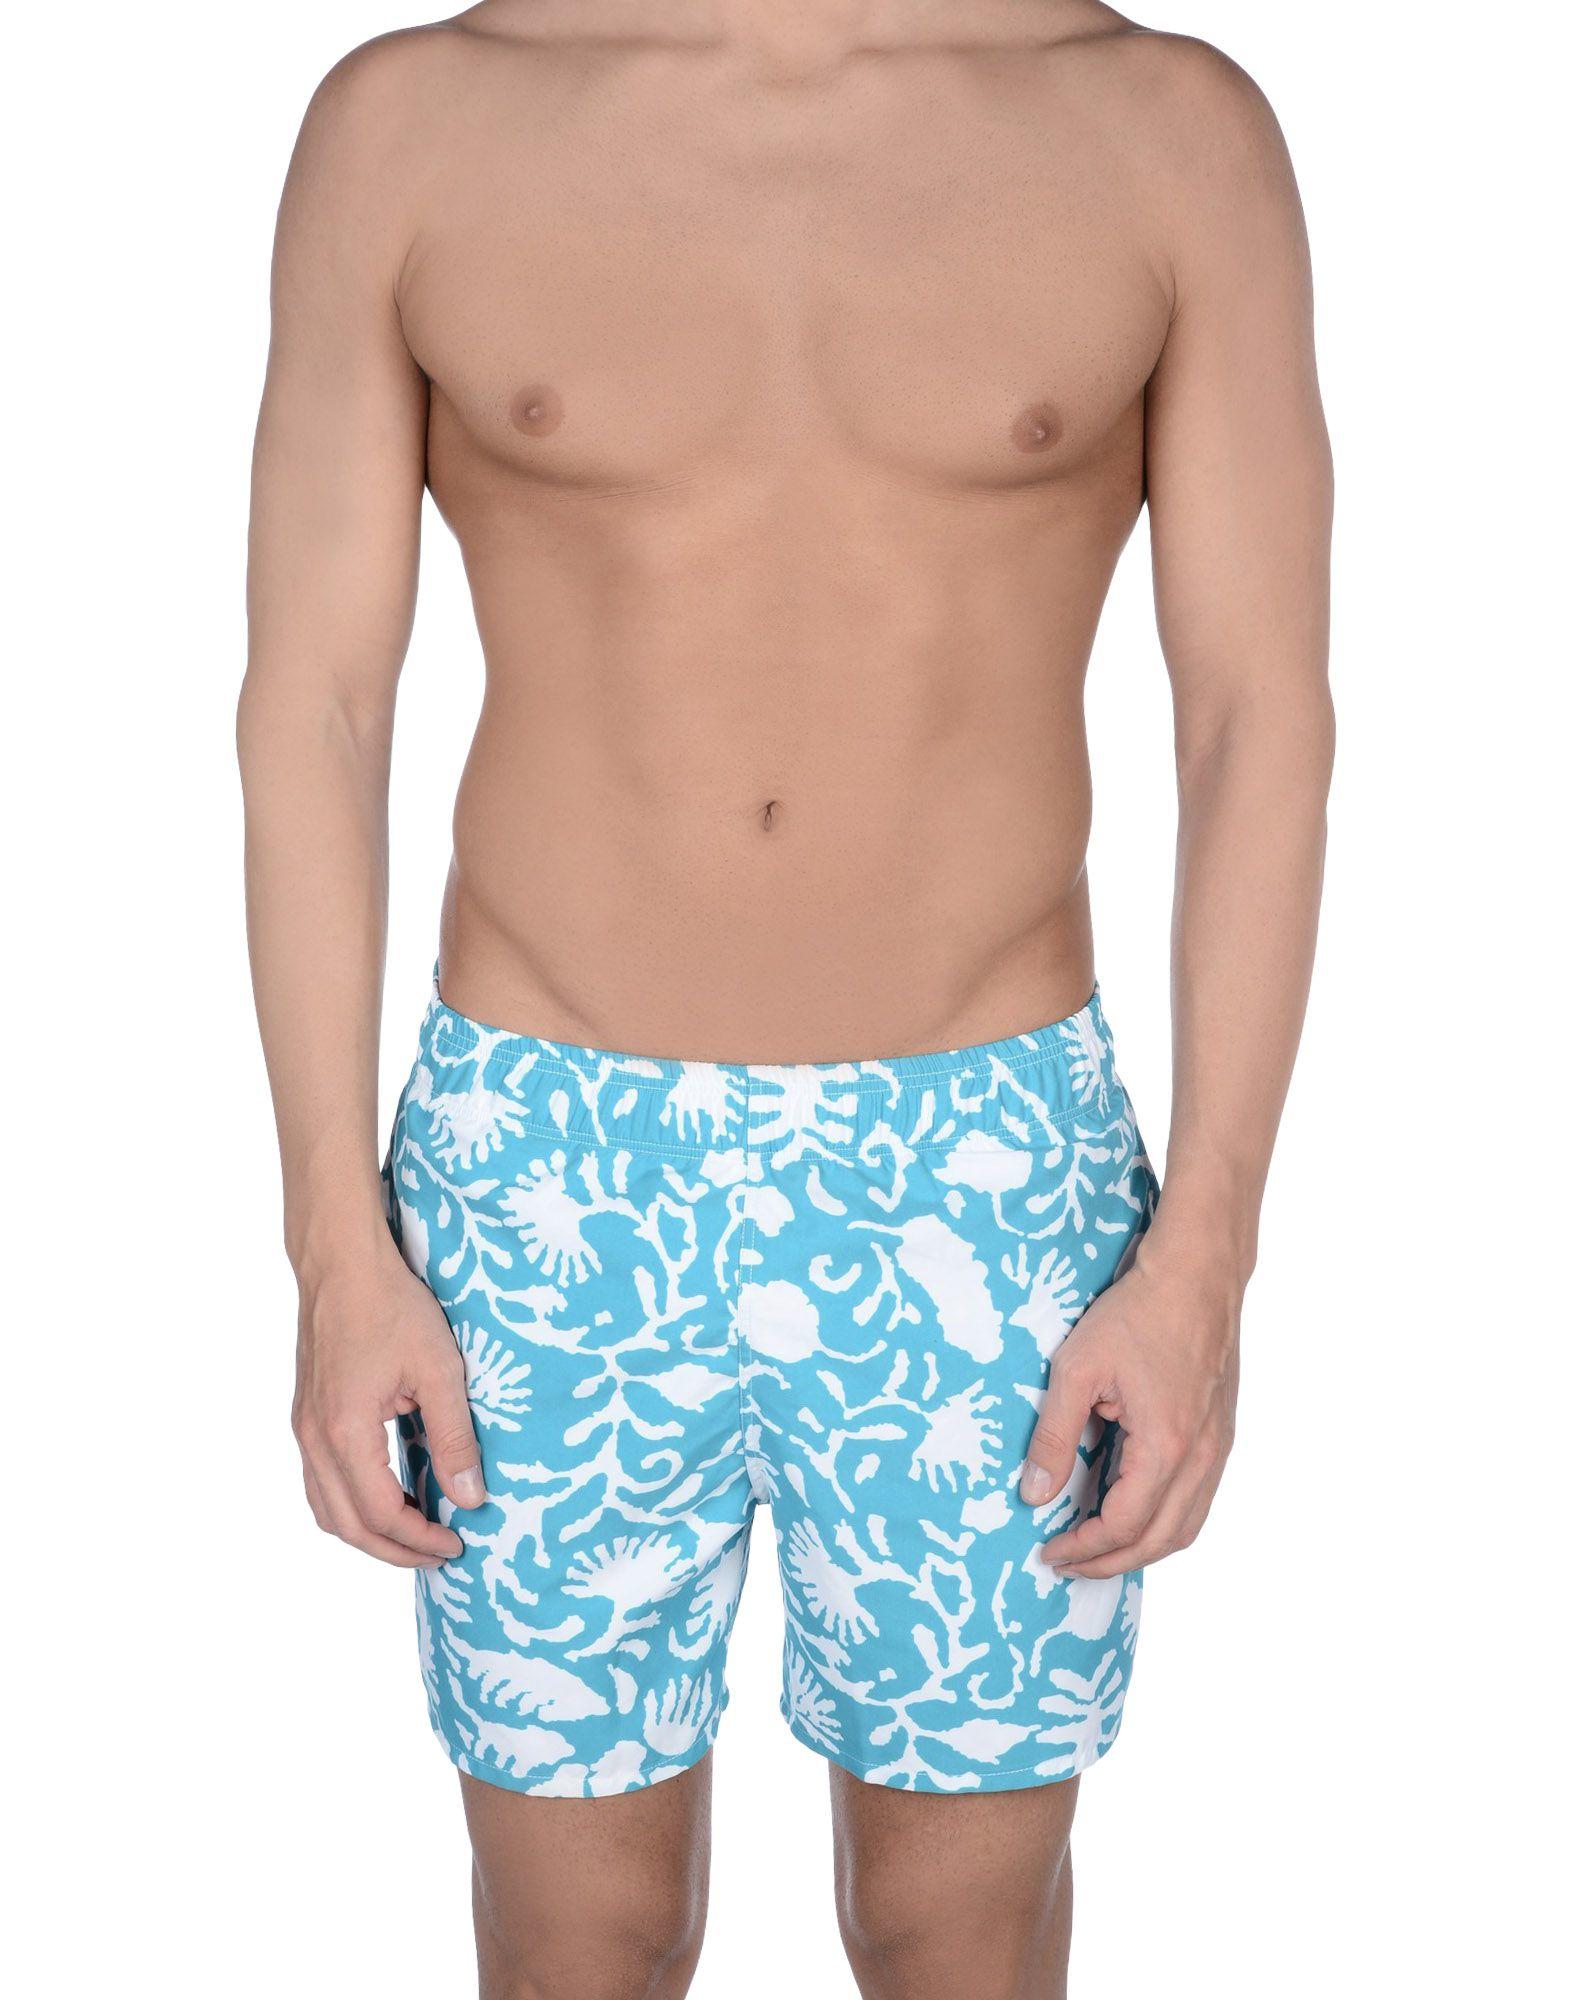 2c874f2746 Lyst - Zegna Sport Swimming Trunks in Blue for Men